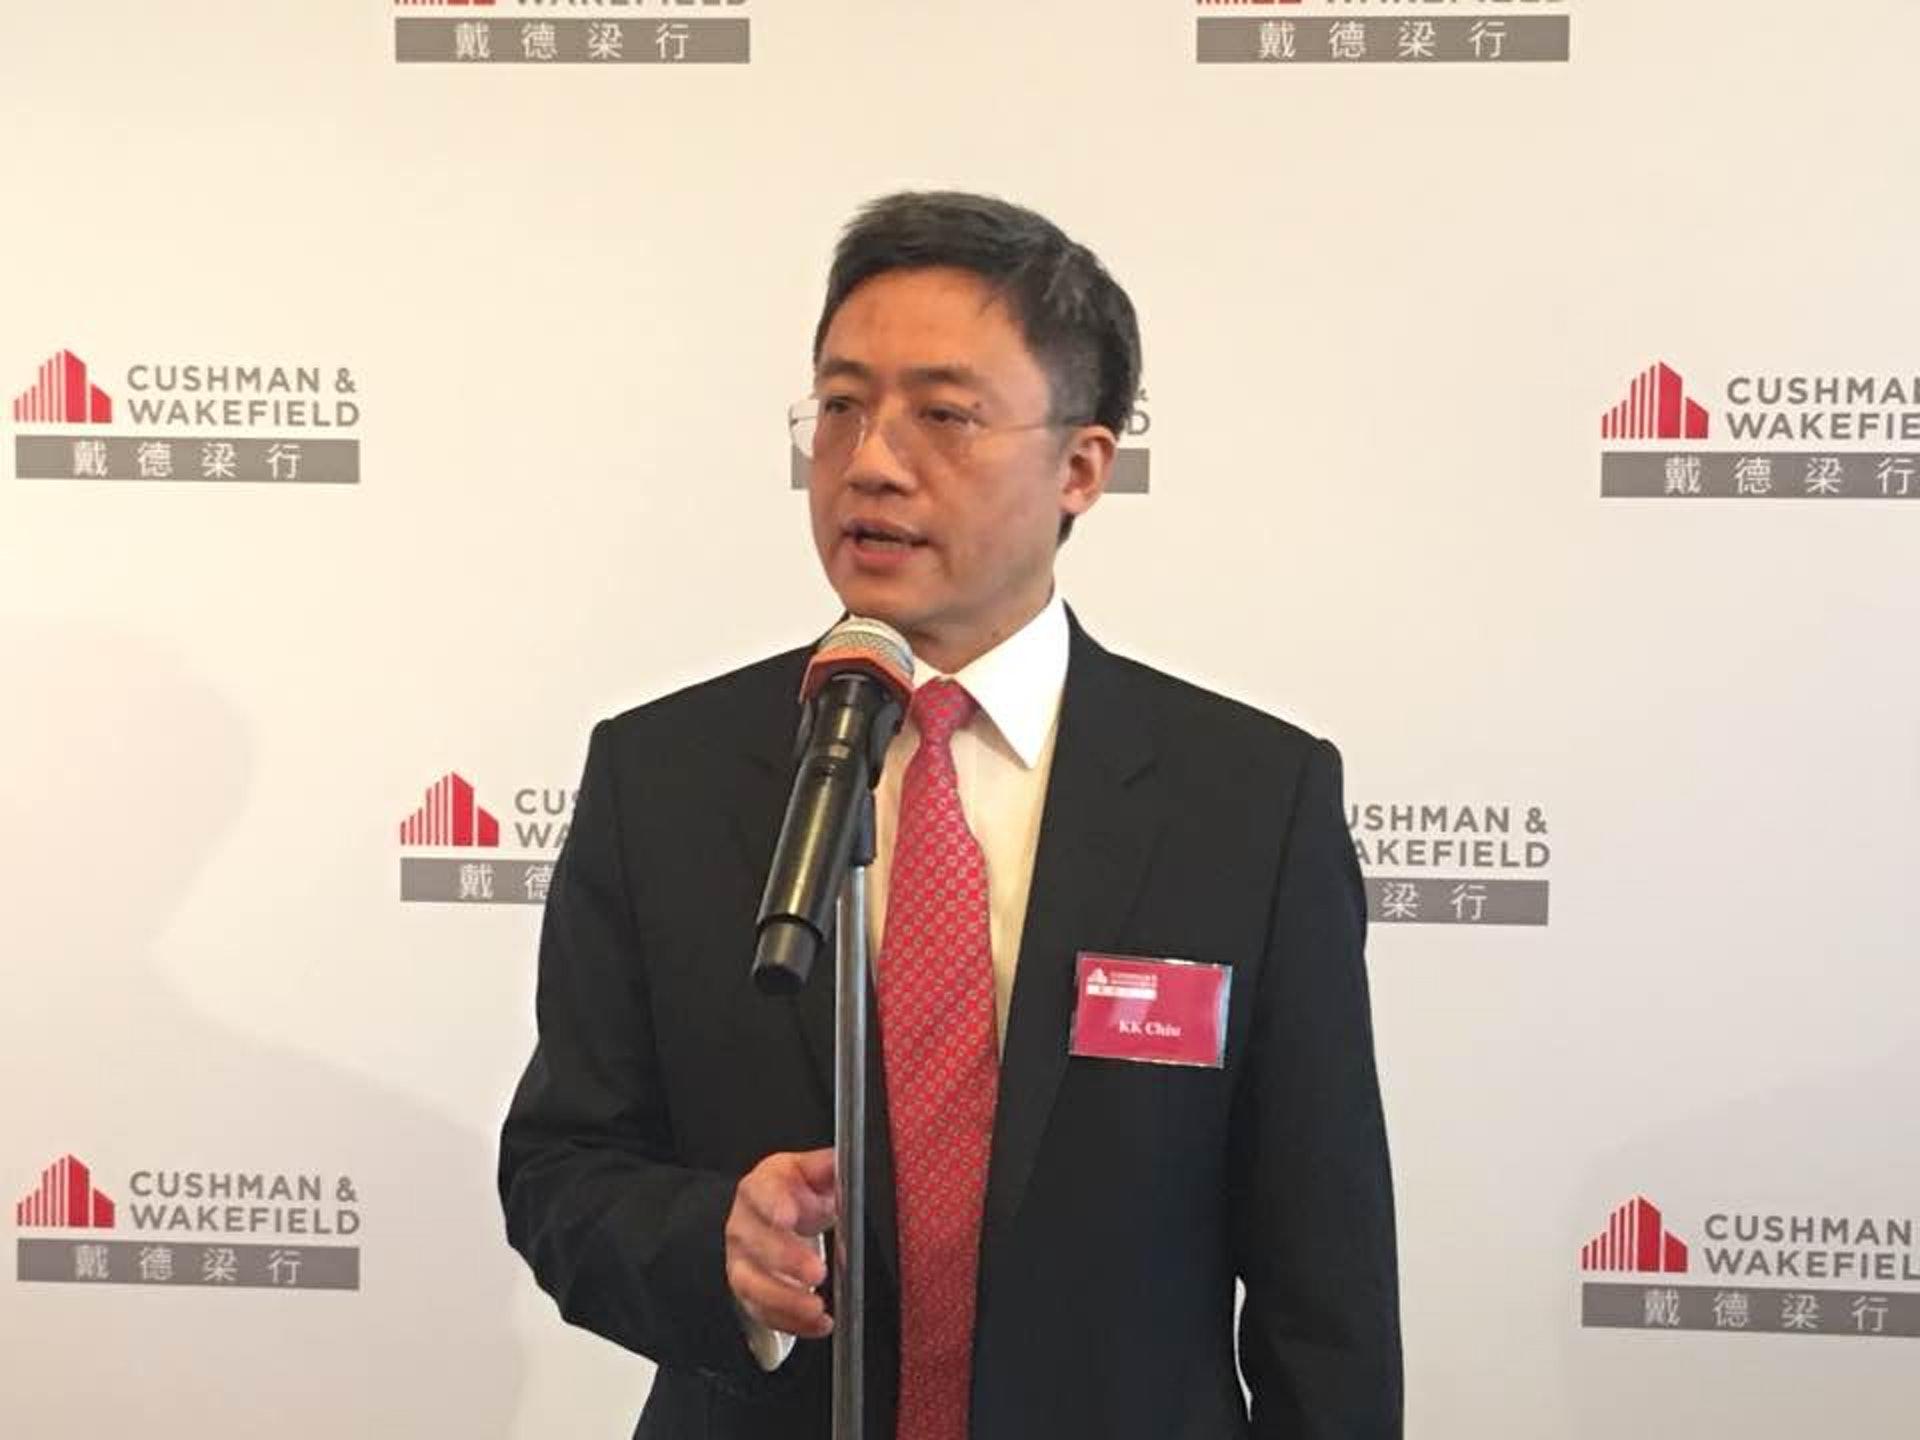 趙錦權強調,政府應該加快改變農地的土地用途,增建更多公營房屋才是上策。﹙陳嘉碧攝﹚